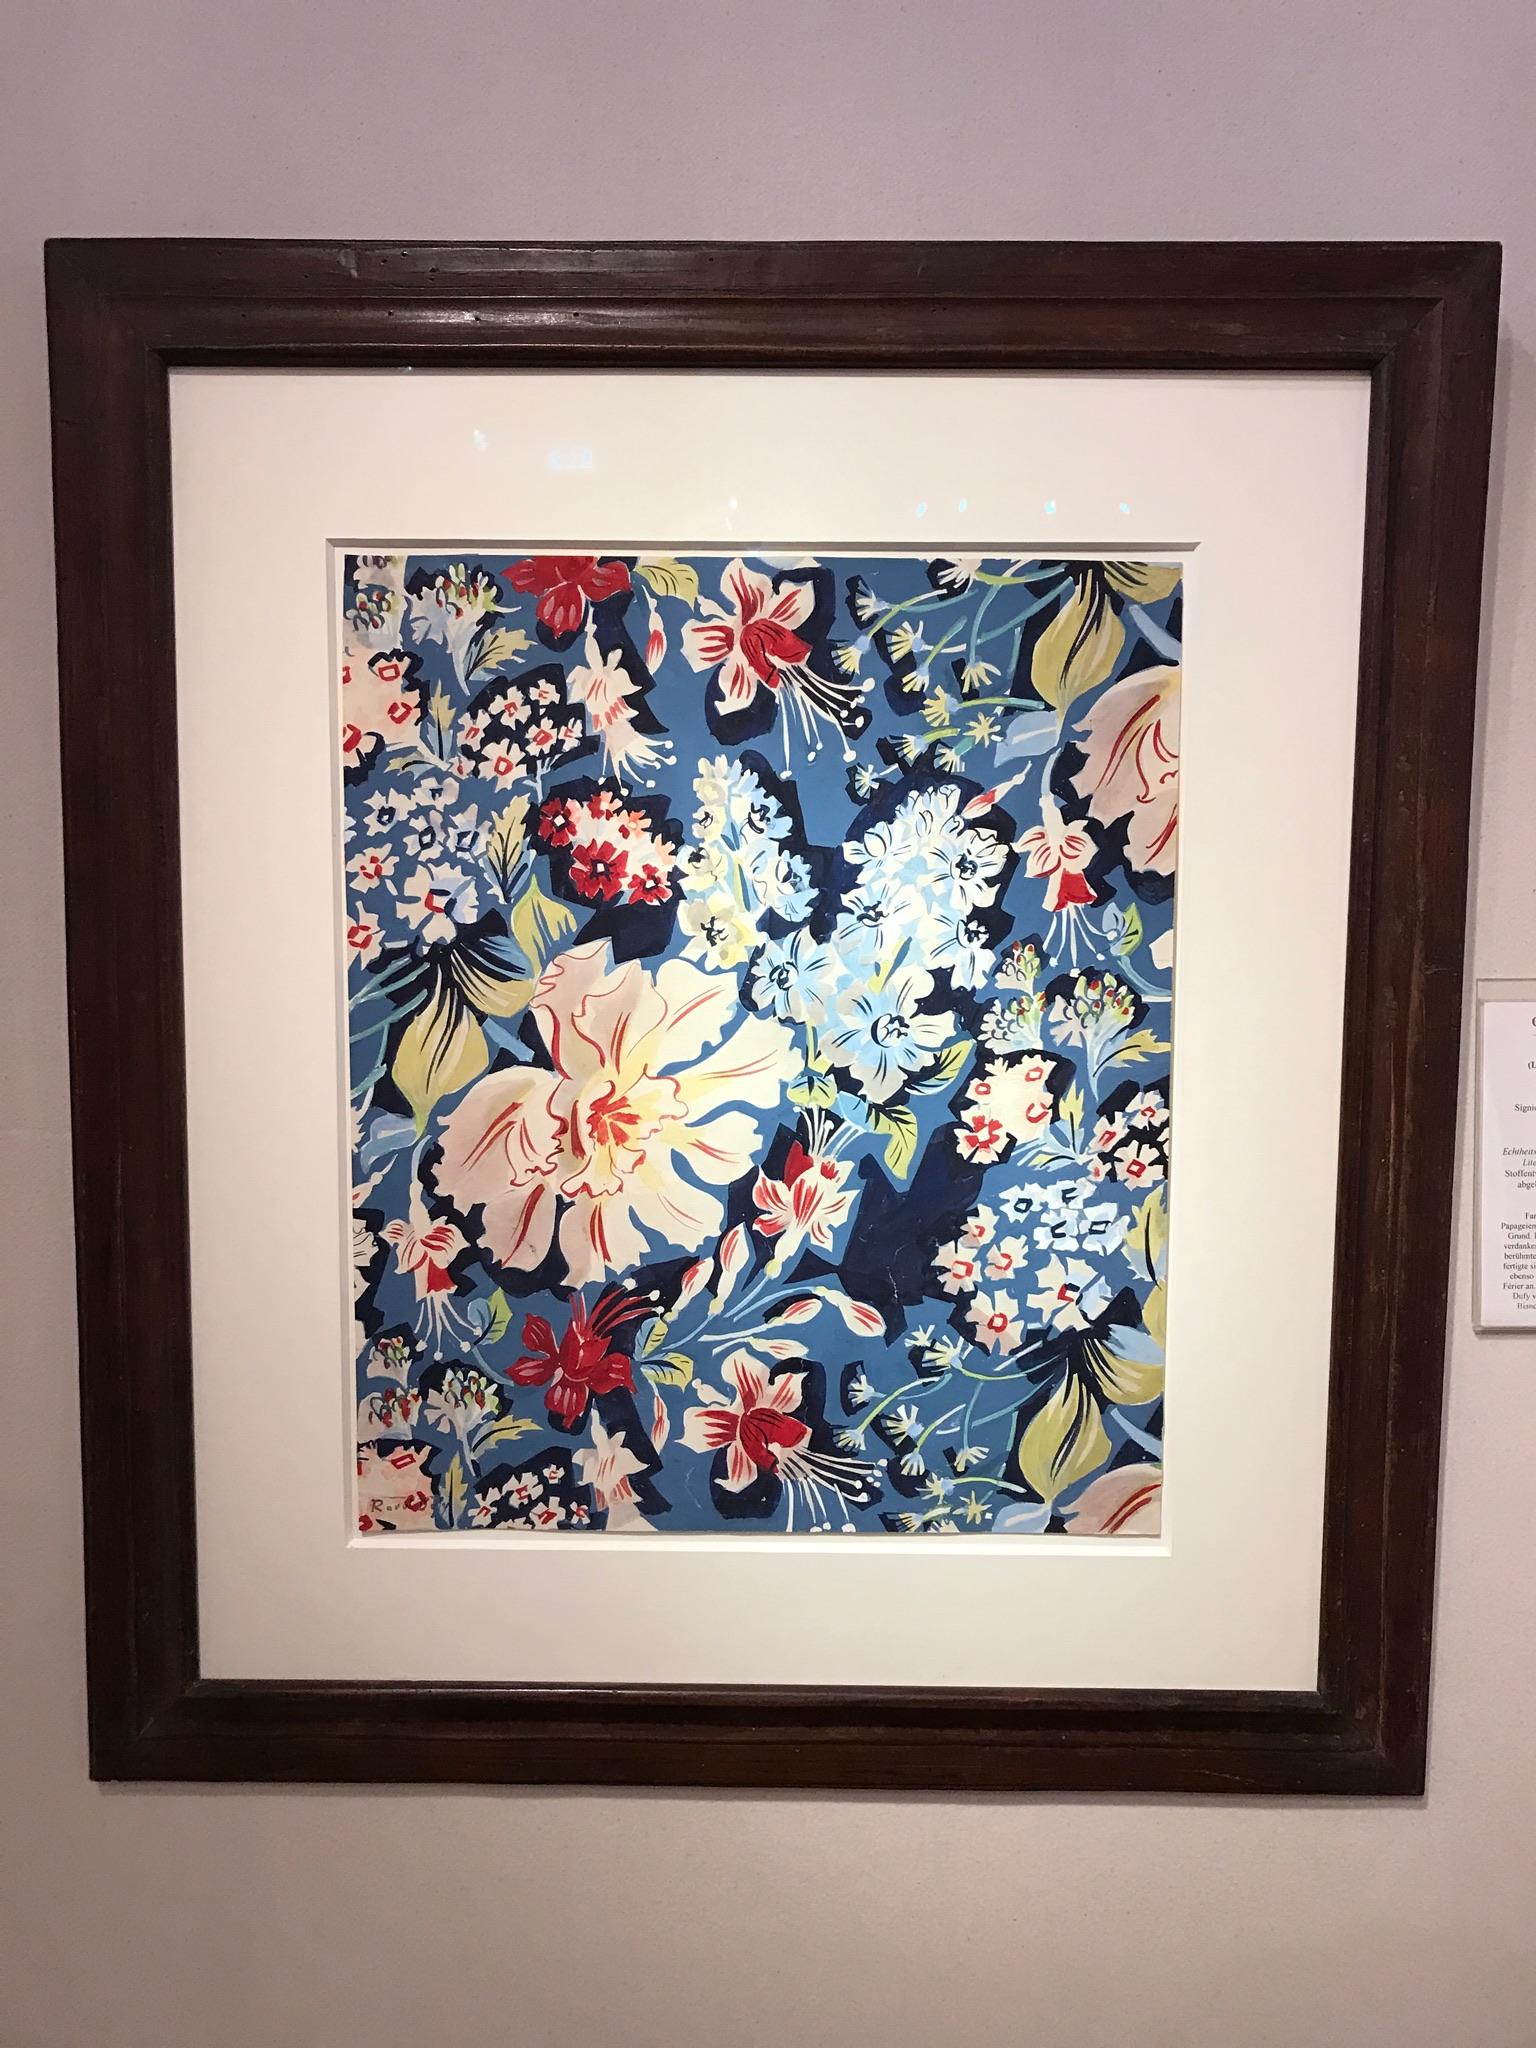 Fleurs de printemps, tulipe perroquet, oeuillets, paquerettes sur fond bleu by Raoul Dufy